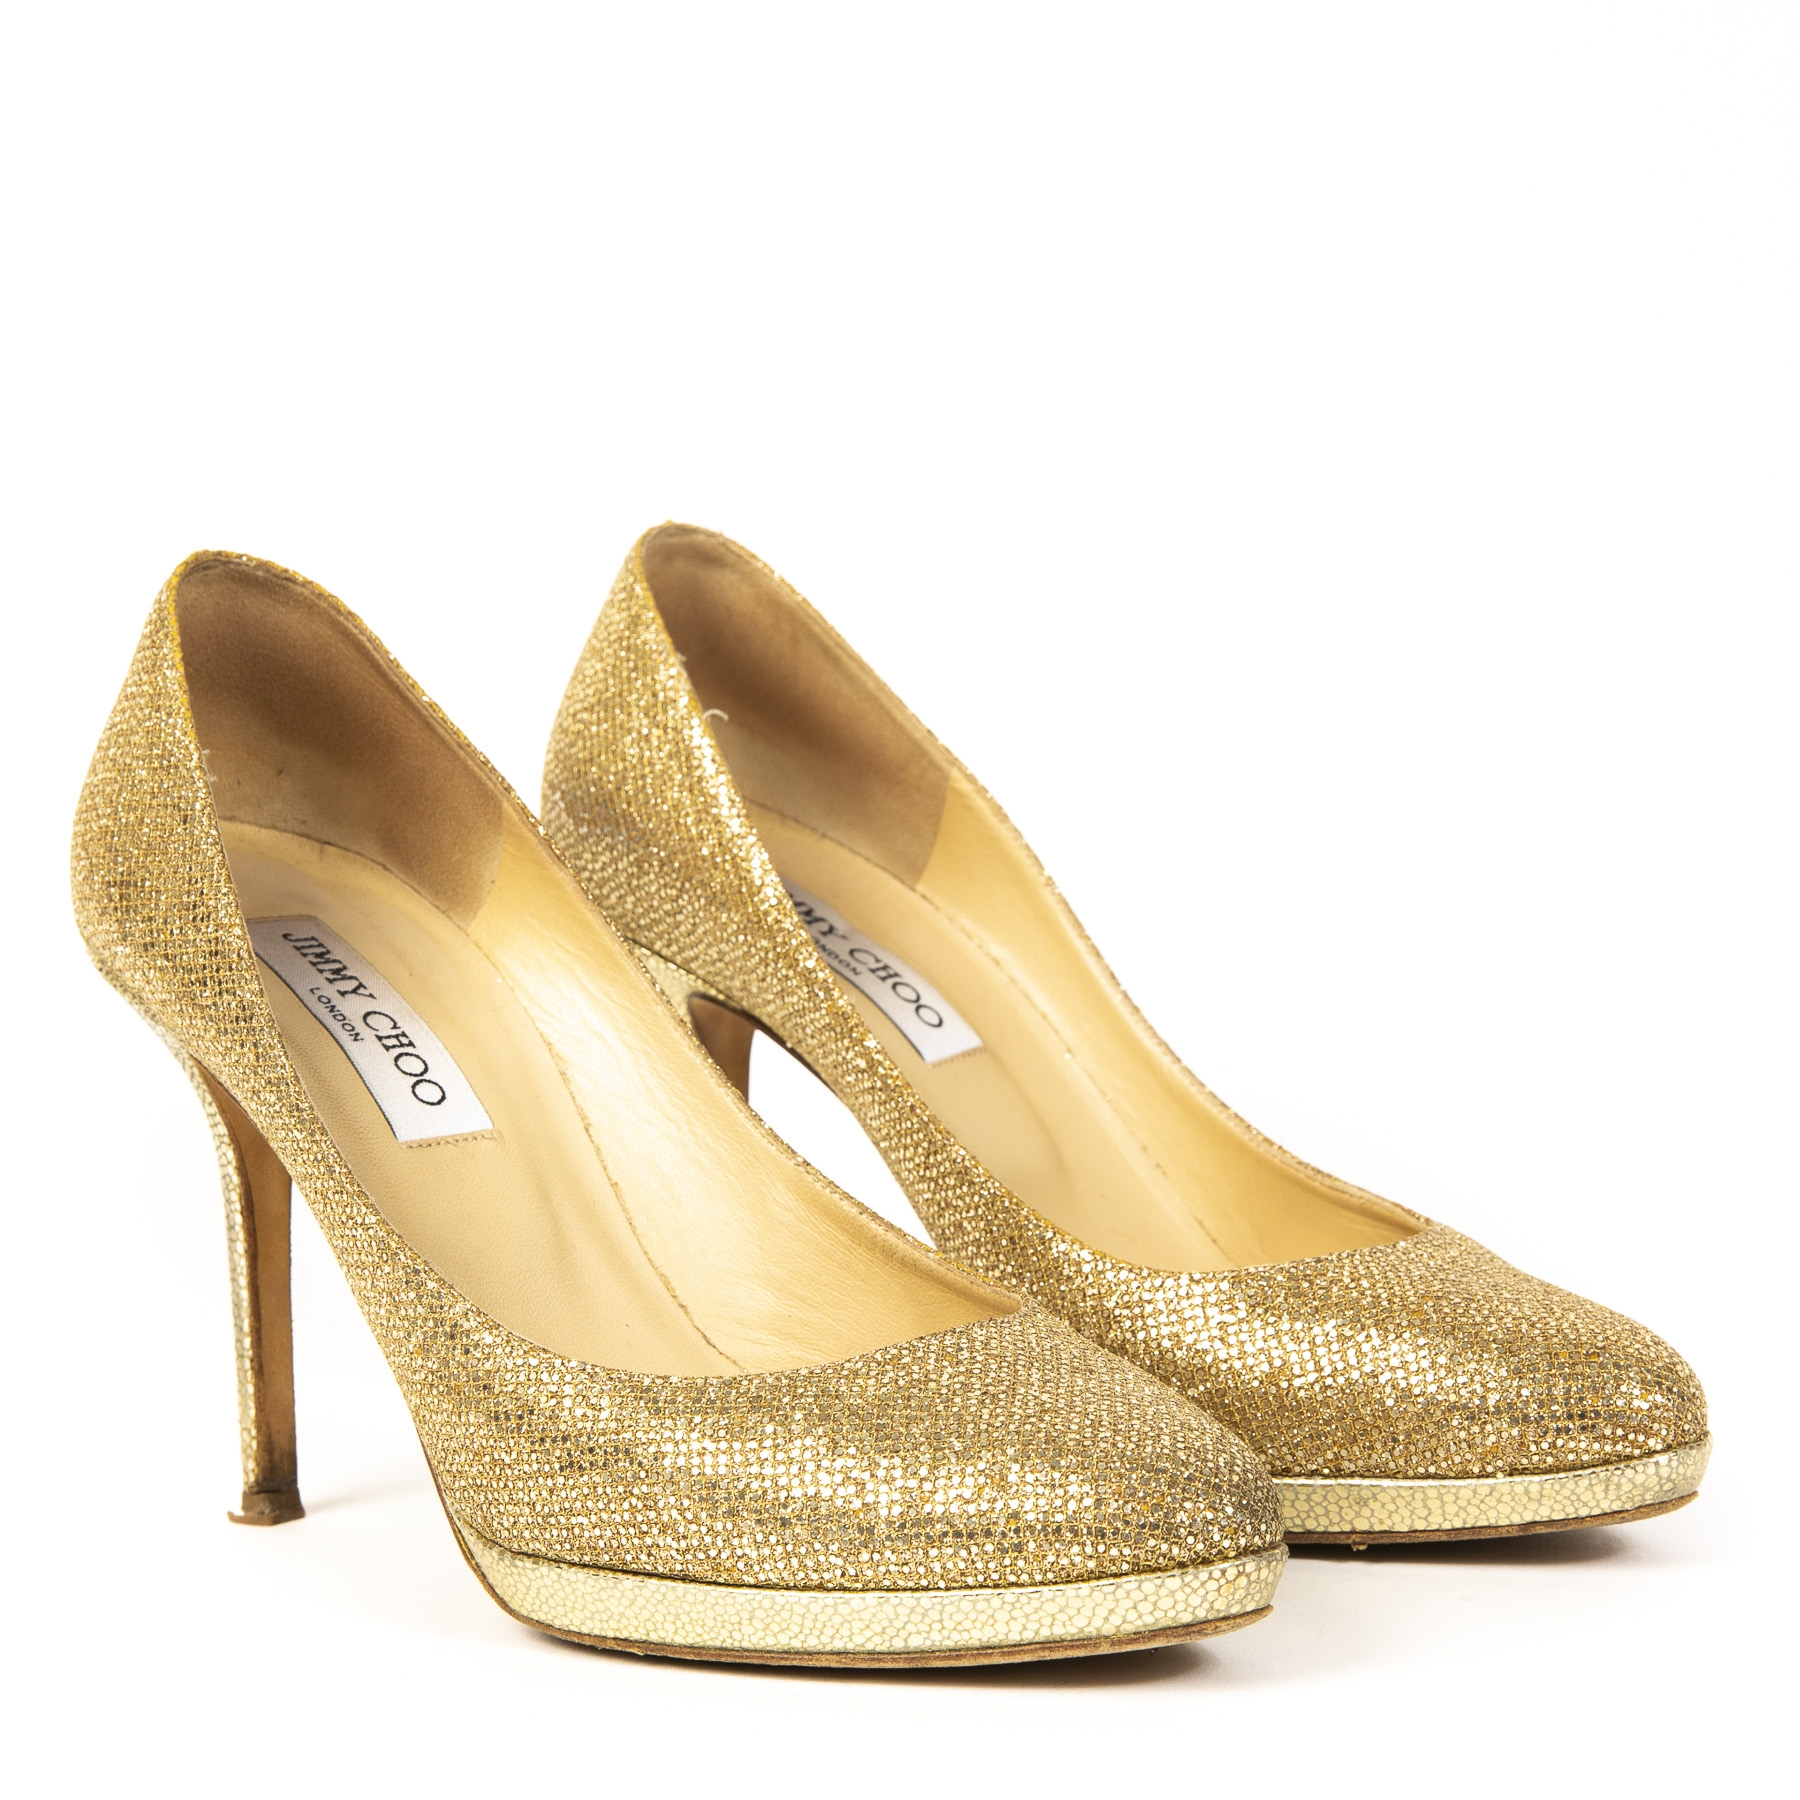 Authentieke Tweedehands Jimmy Choo Gold Glitter Pumps juiste prijs veilig online shoppen luxe merken webshop winkelen Antwerpen België mode fashion